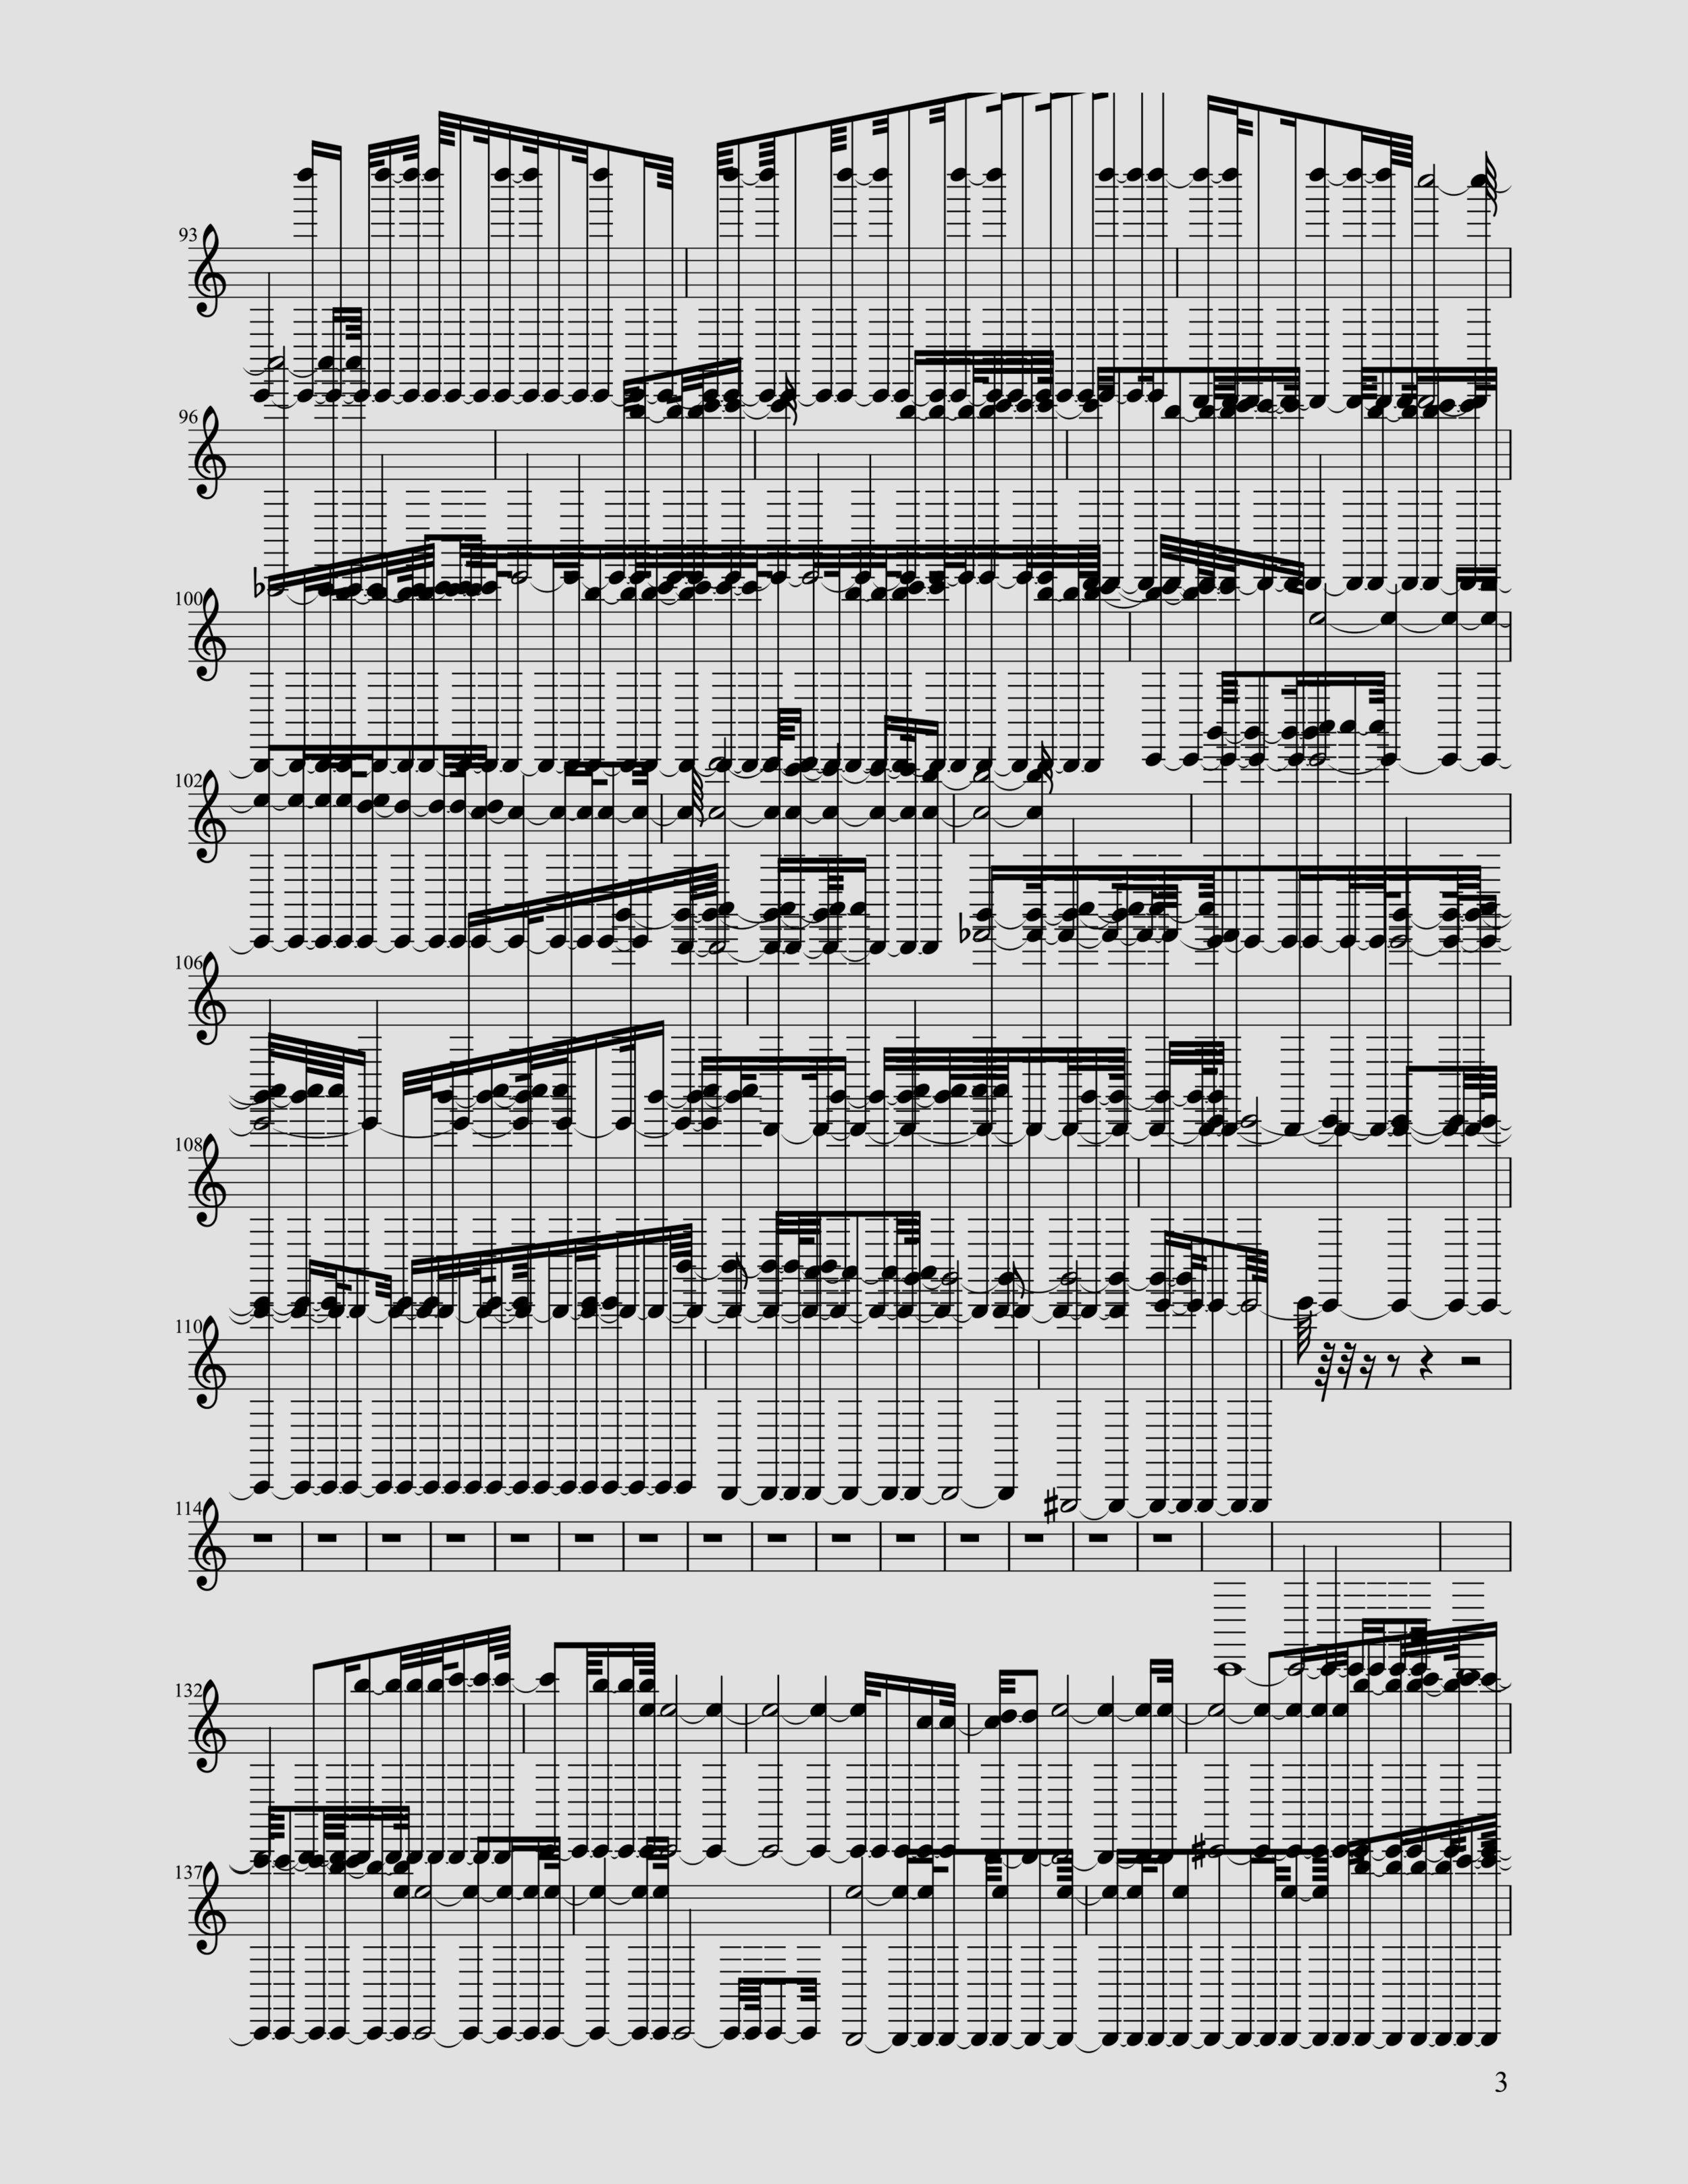 garden-sheet-music-3_2550.jpg